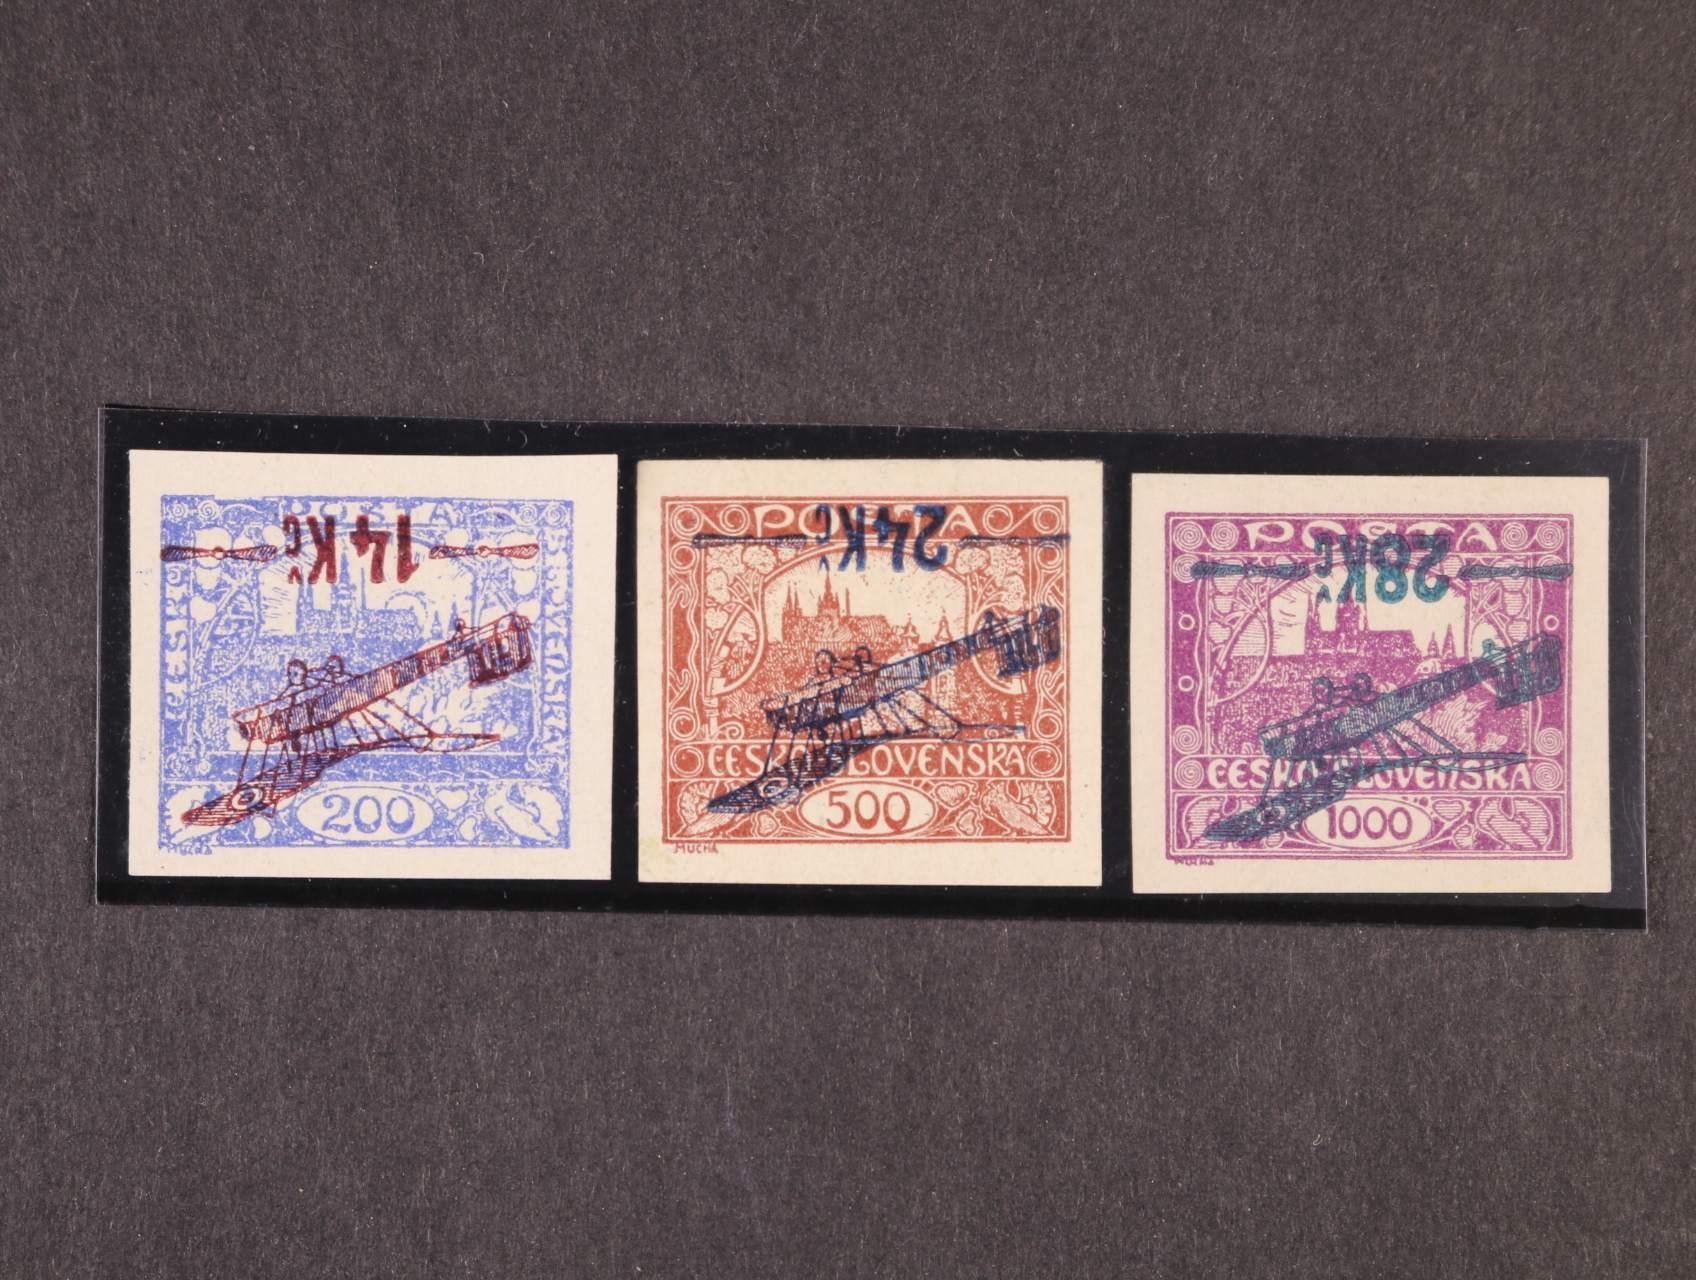 zn. L č. 1 Pp - L 3 Pp, převrácený přetisk, (L 2, typ II s obtiskem přetisku)), zk. Mahr, Möbs, Fischmeister, kat. cena 18000 Kč